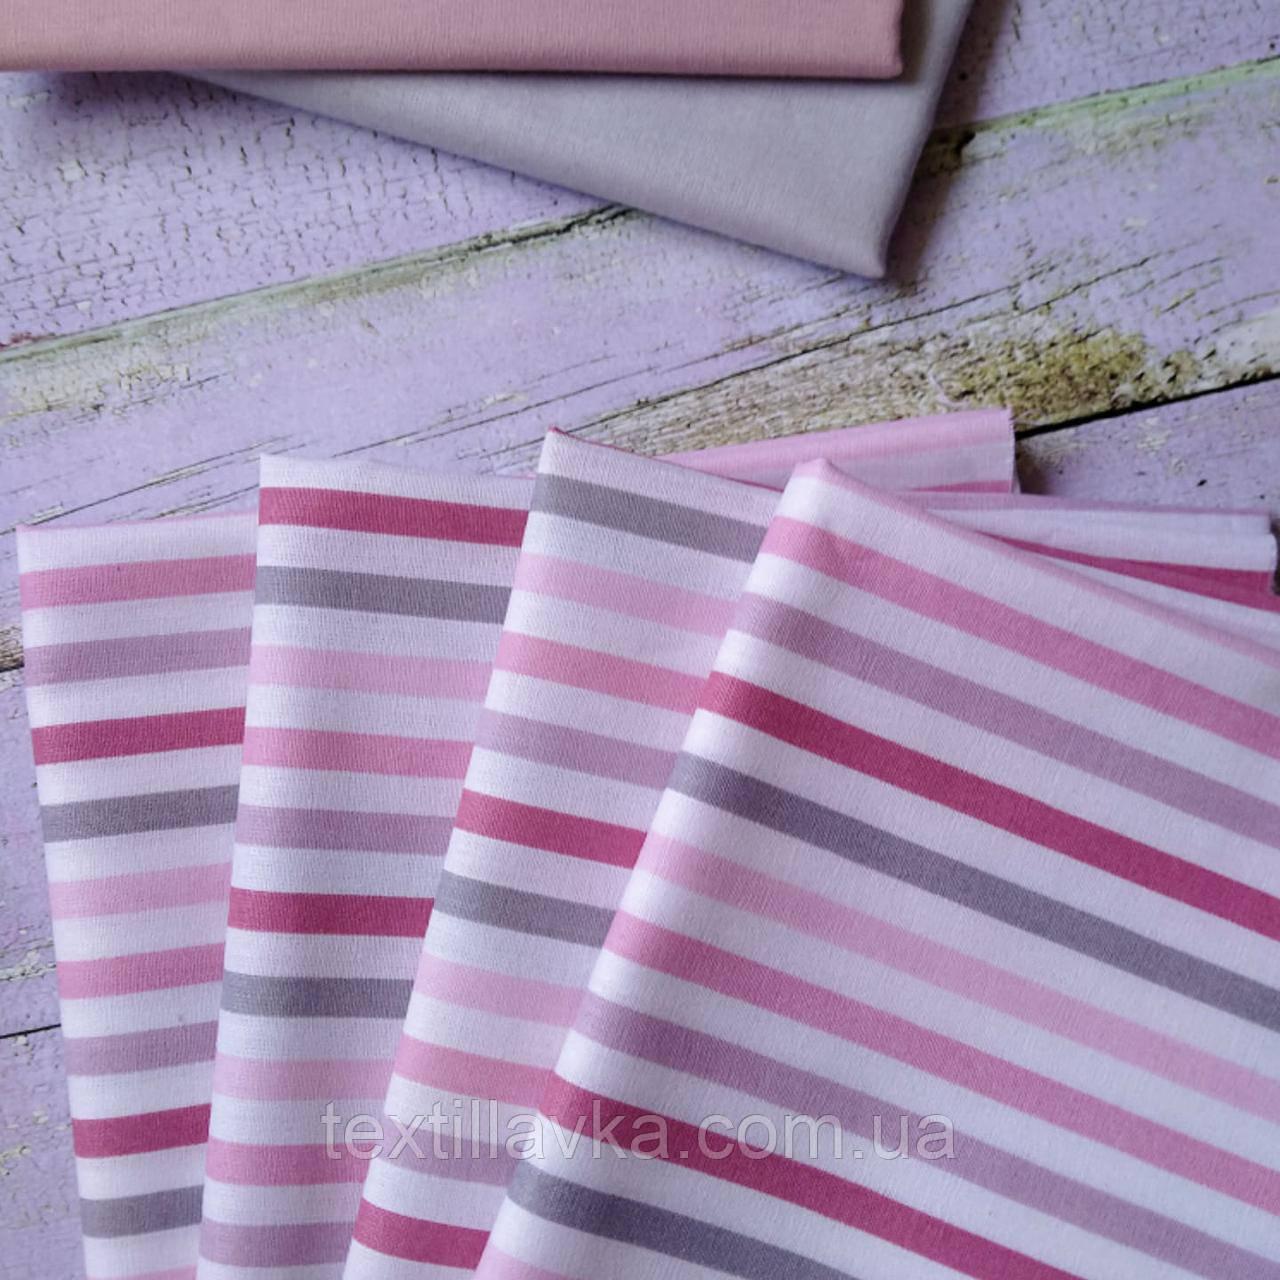 Ткань хлопок для рукоделия полоска 5мм розово-серая